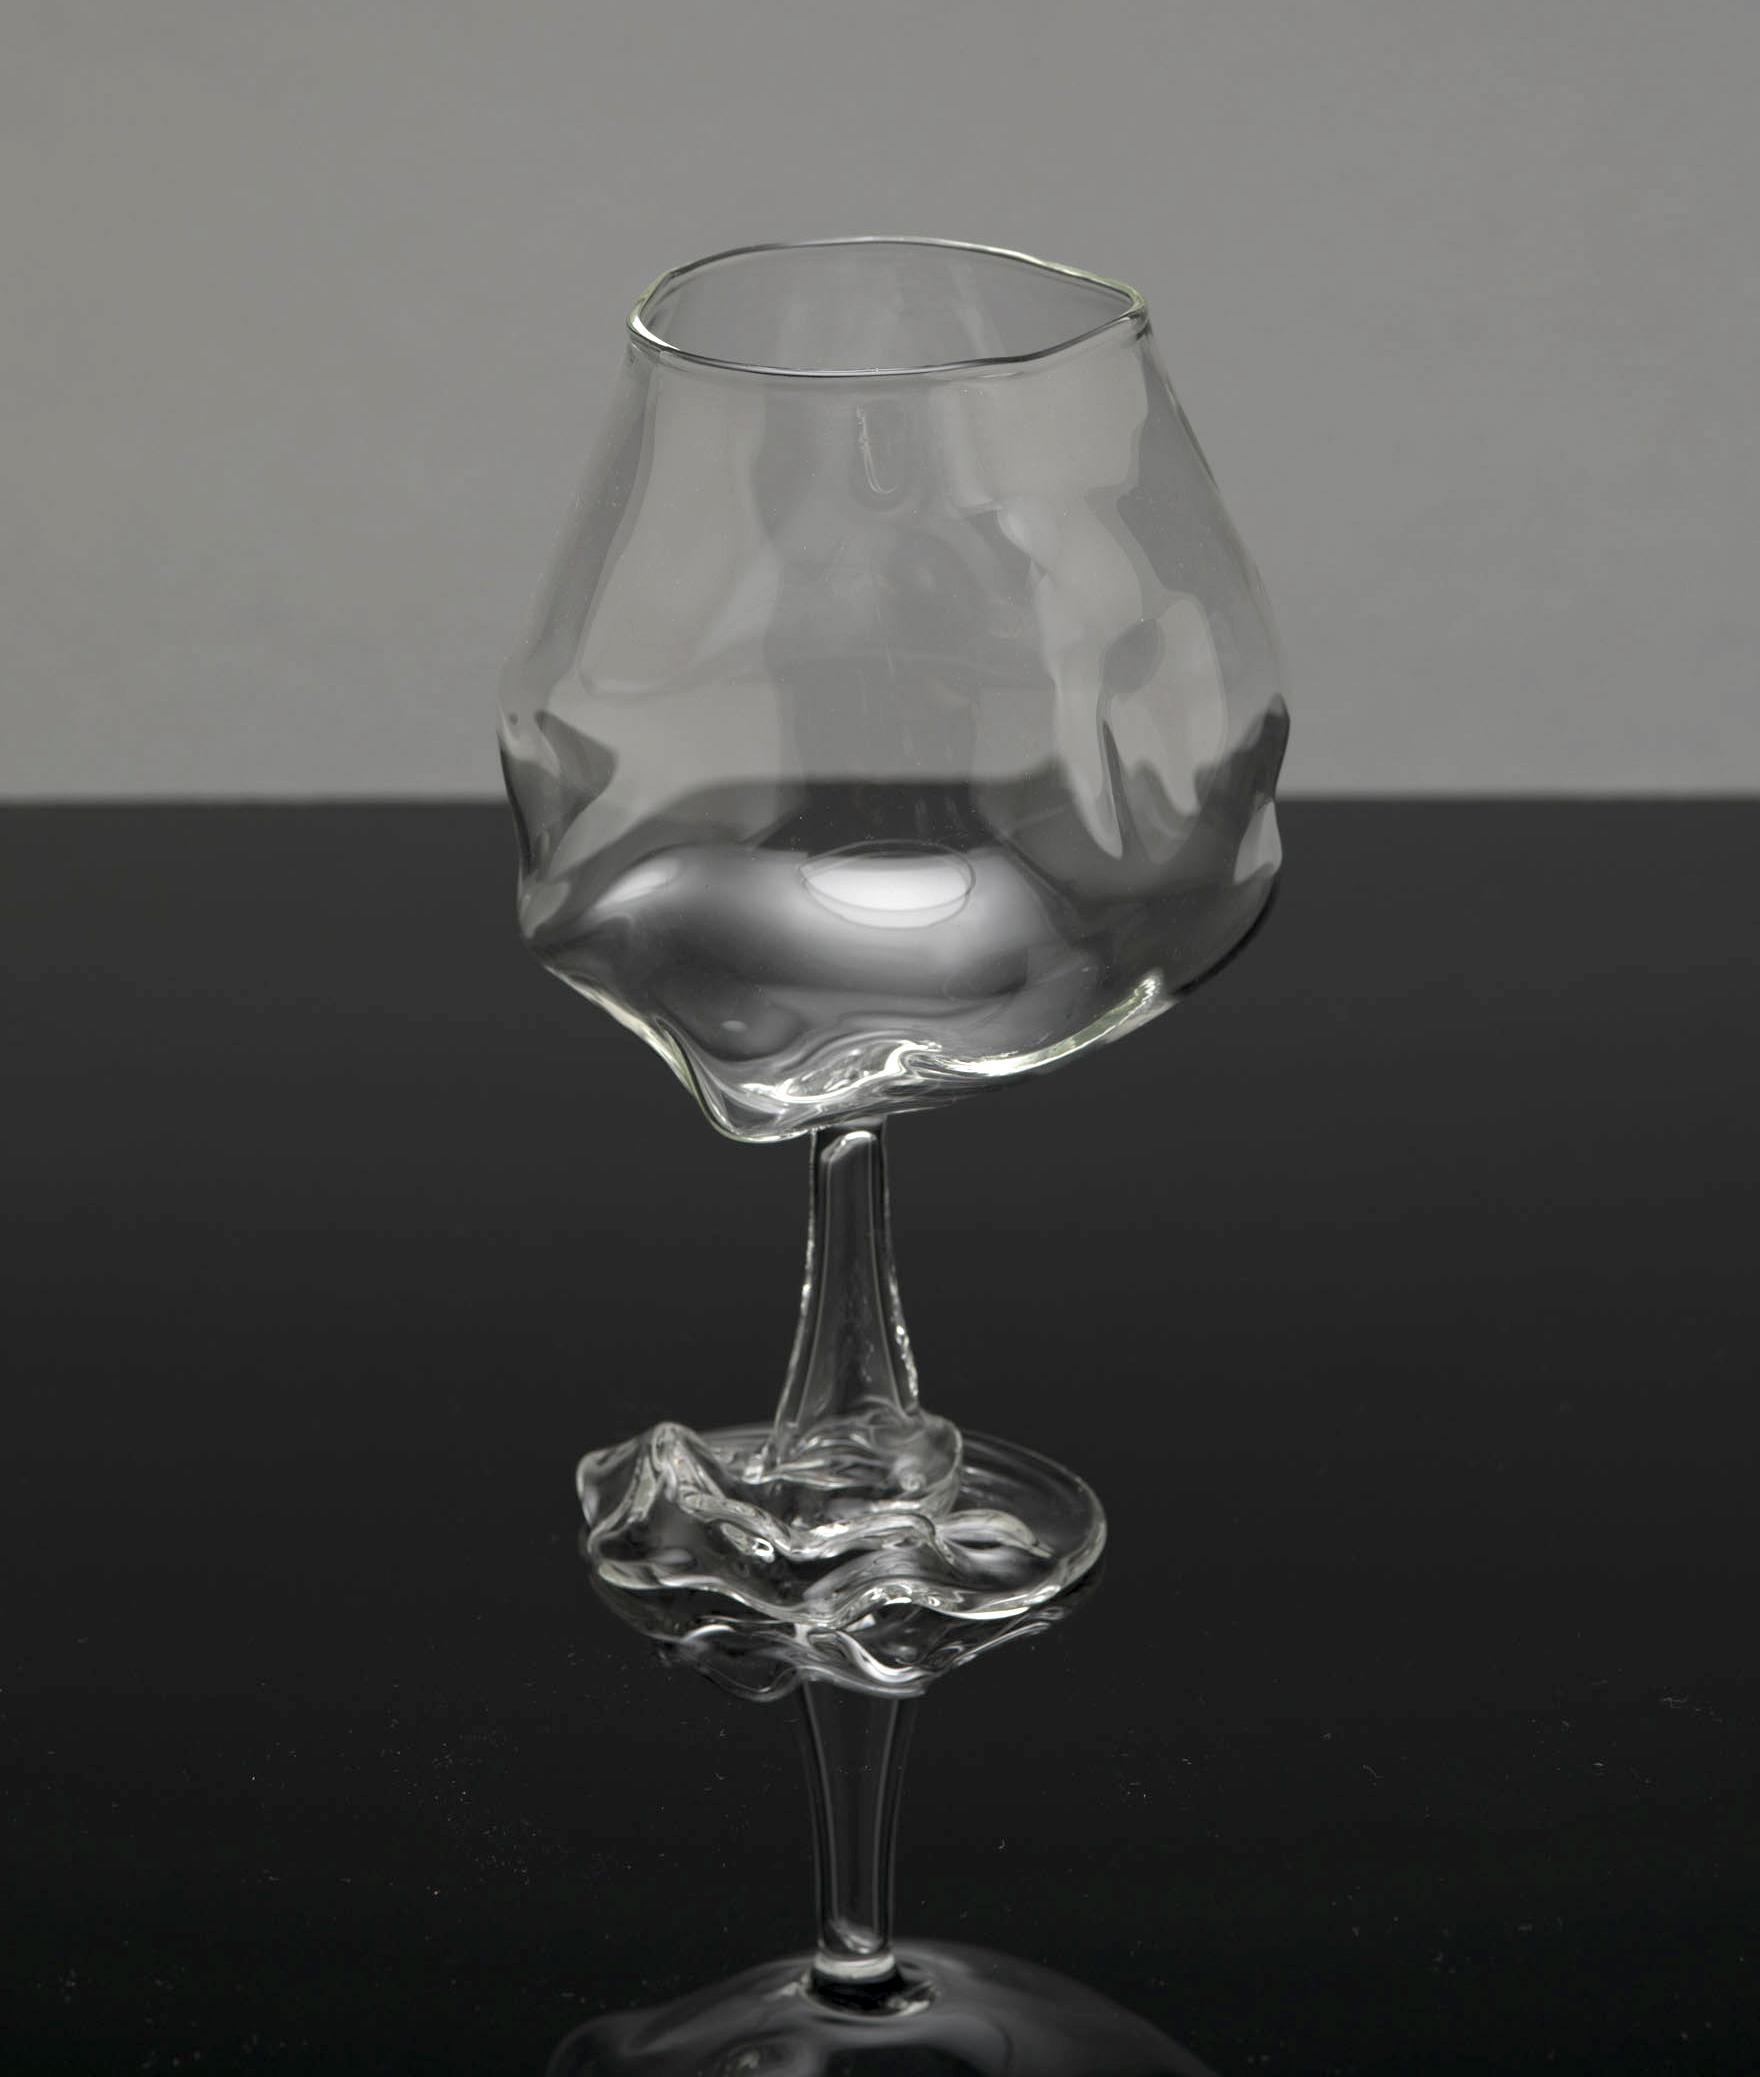 Mann_Geoffrey_TheSecondLine_Glass3.jpg